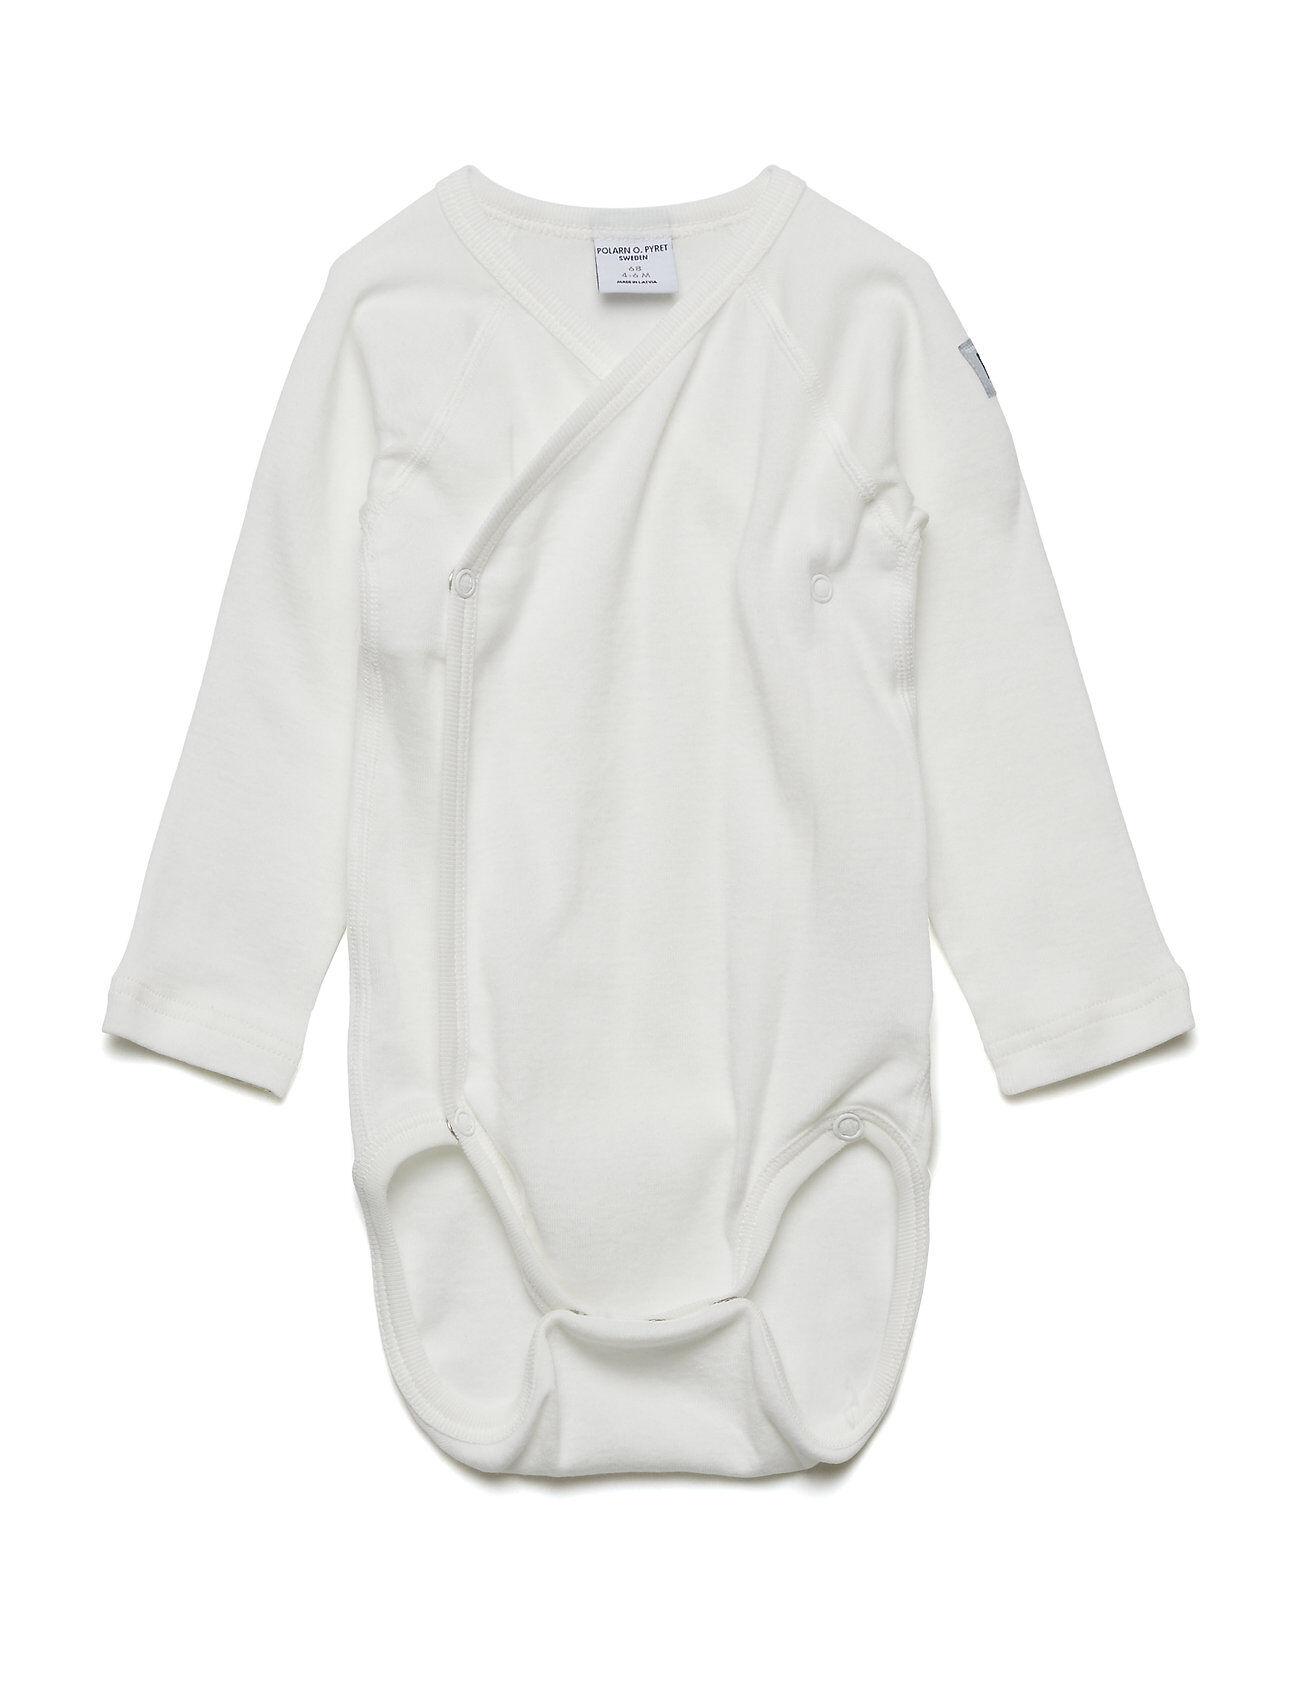 Polarn O. Pyret Body Wrapover Solid Newborn Bodies Long-sleeved Valkoinen Polarn O. Pyret